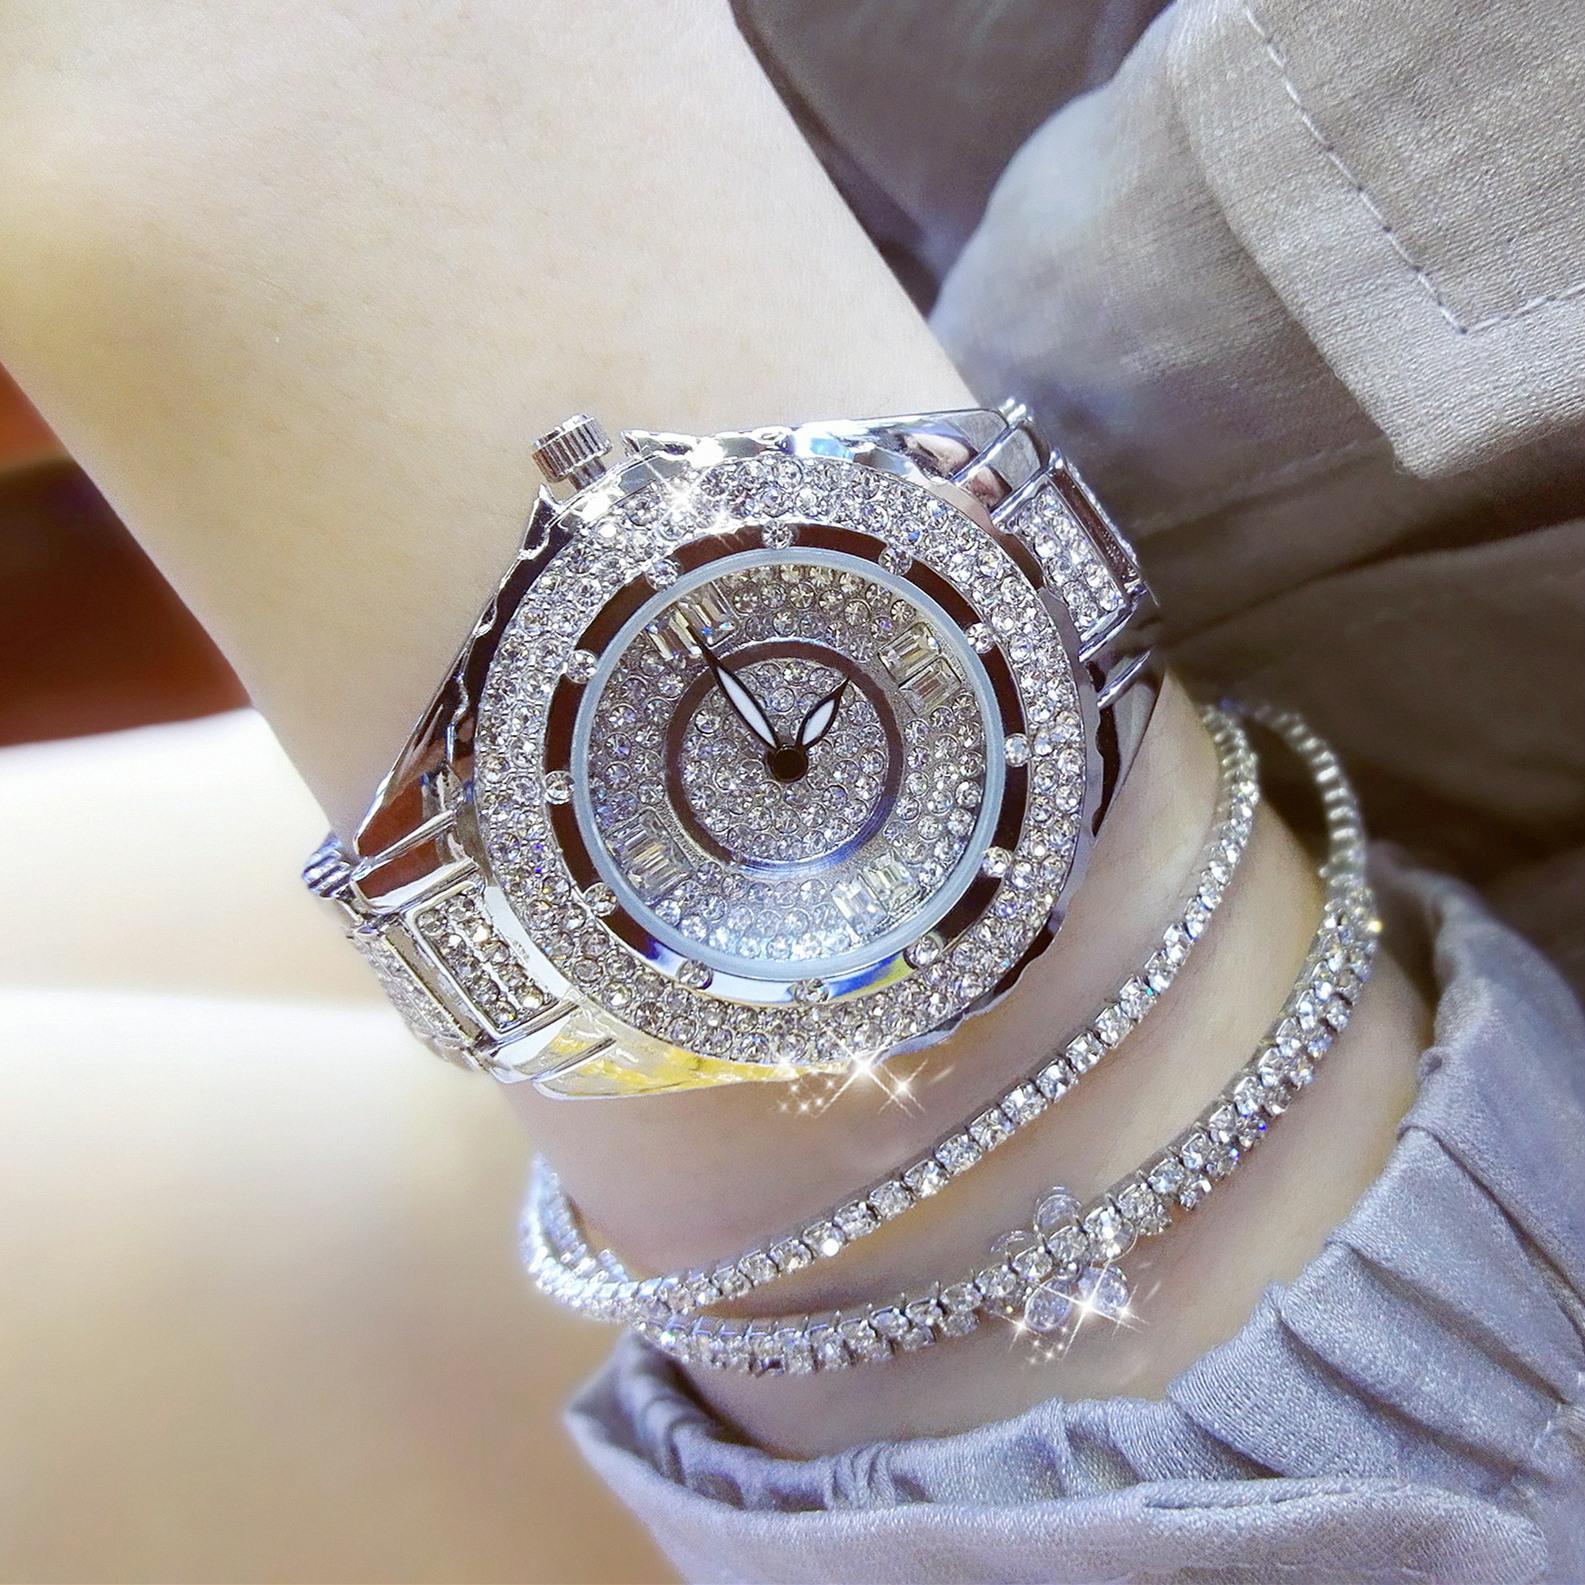 Kar kadın moda su geçirmez yüksek dereceli tam matkap kuvars saatler kız arkadaşı hediye